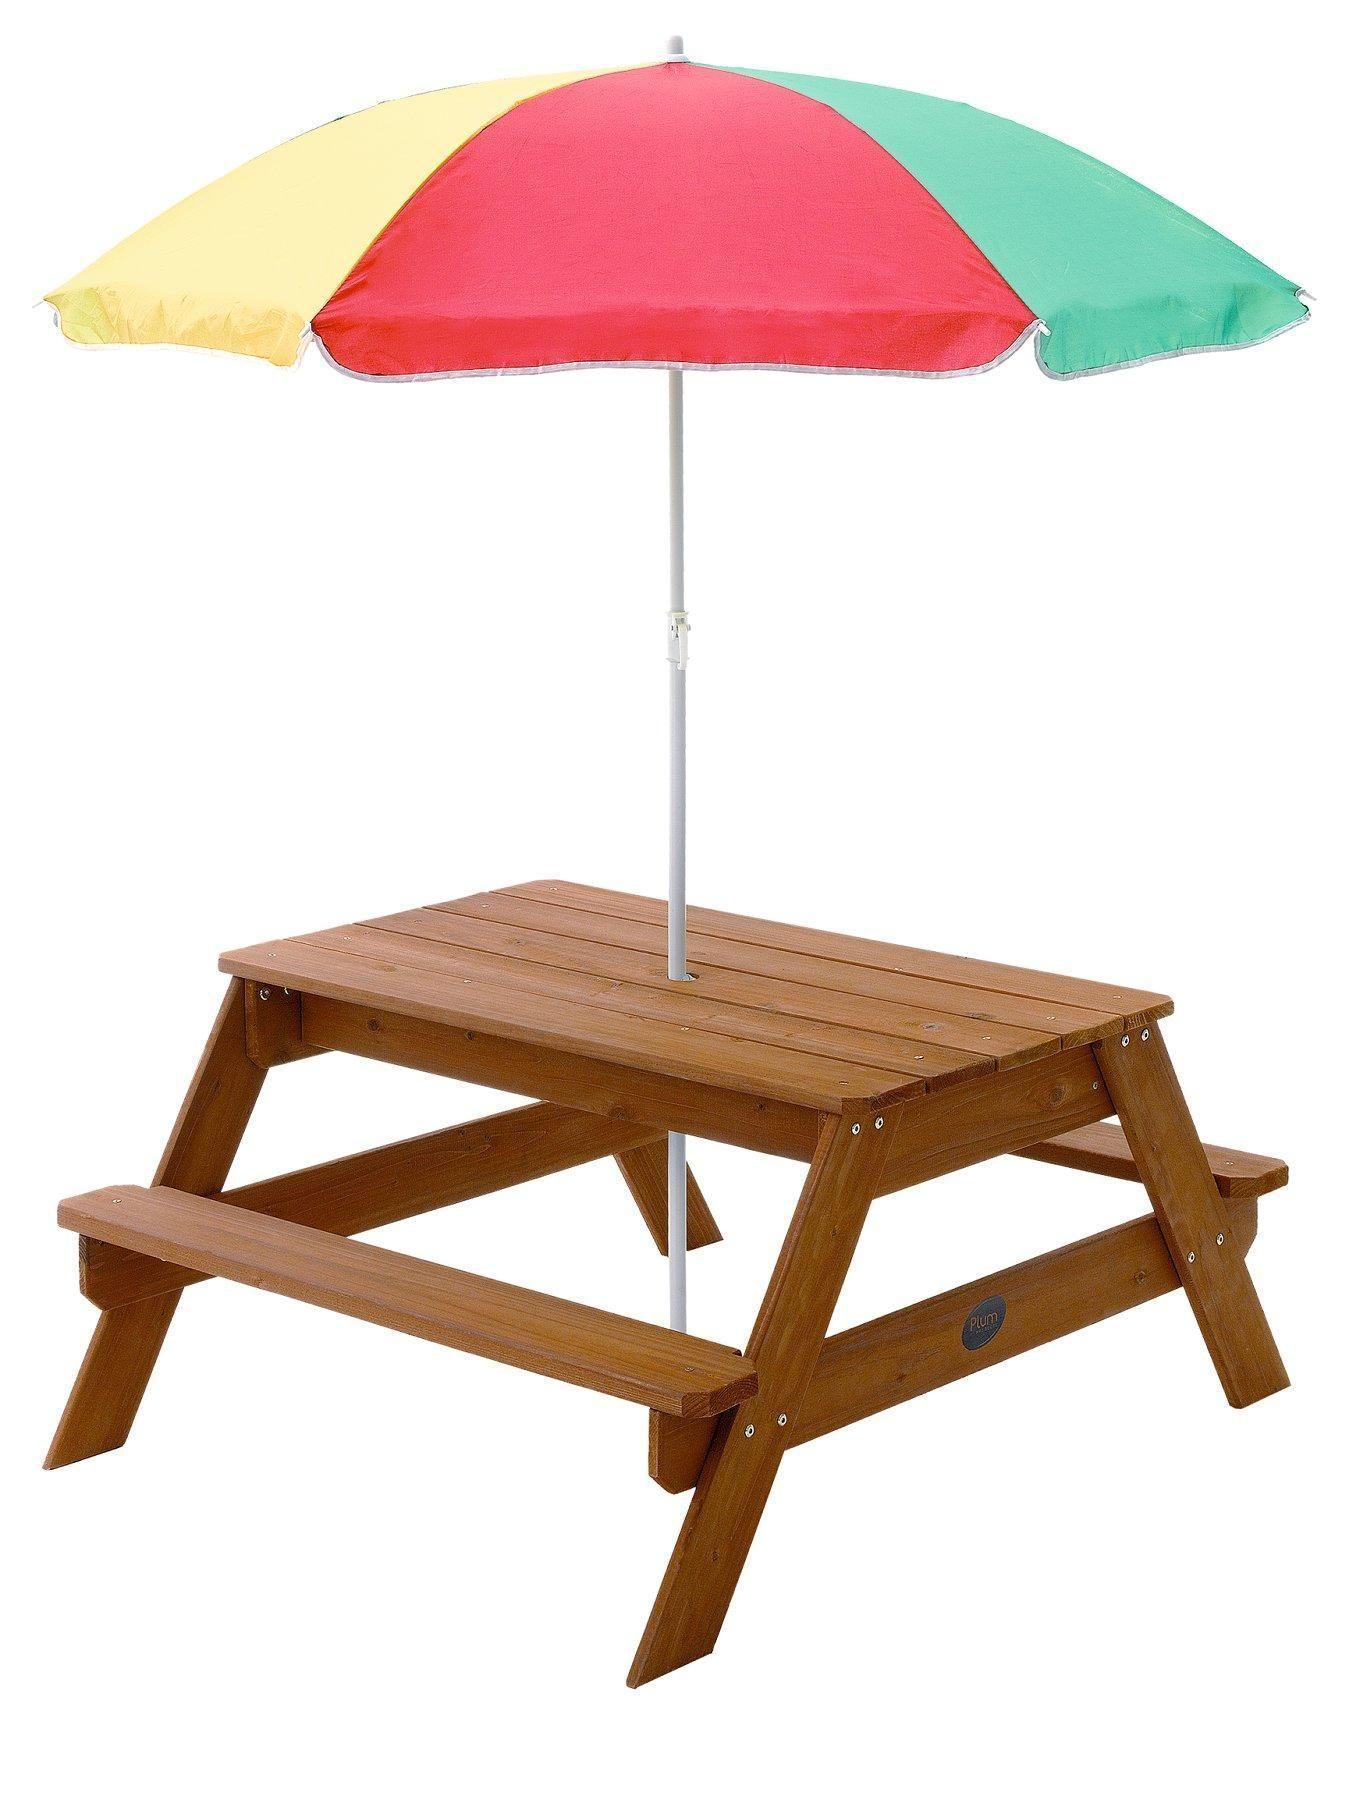 table de pique nique en bois avec parasol. Black Bedroom Furniture Sets. Home Design Ideas